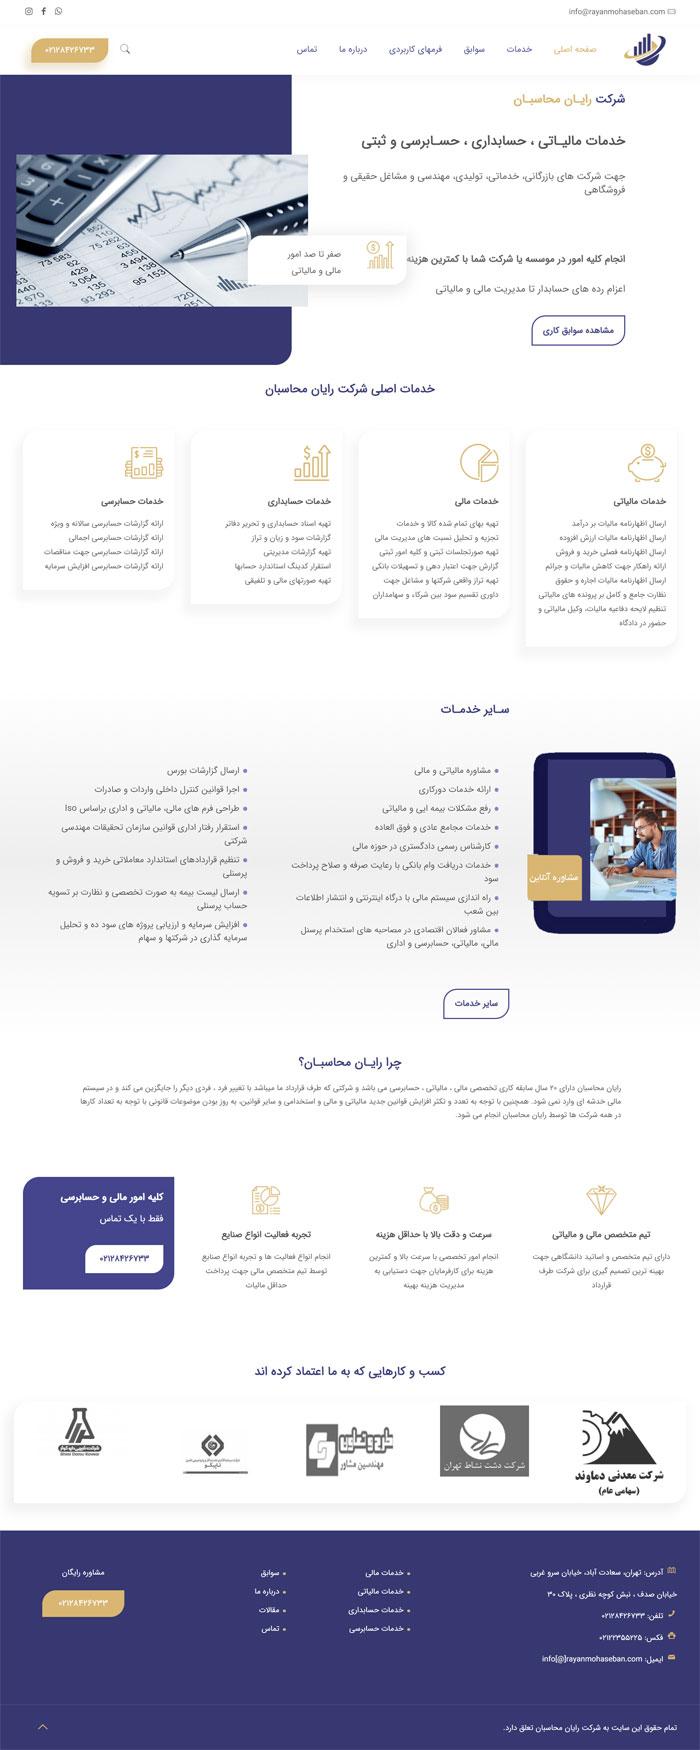 سایت شرکت حسابداری رایان محاسبان